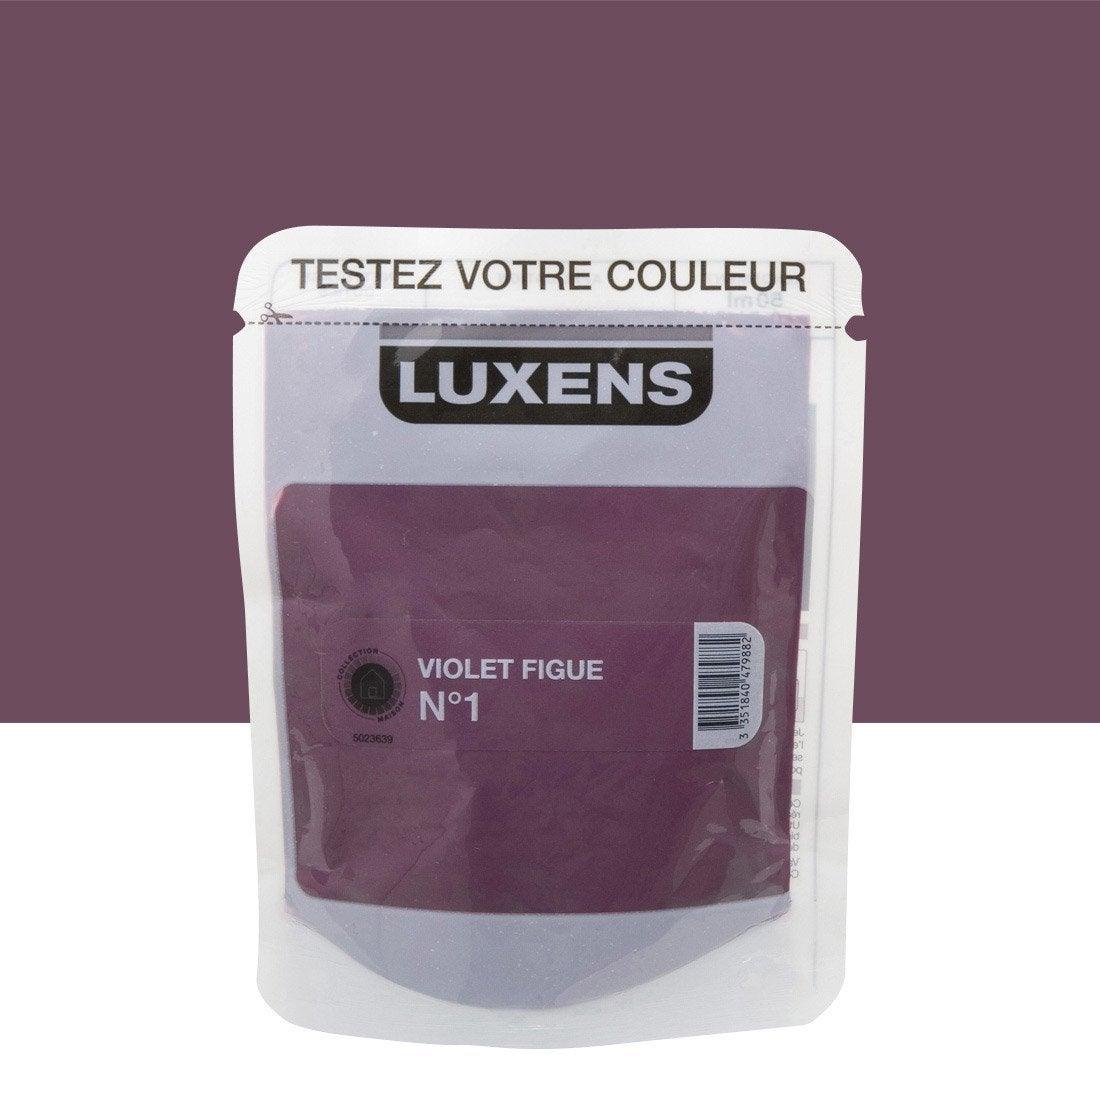 Testeur peinture violet figue 1 luxens couleurs int rieures satin l leroy merlin for Peinture couleur figue